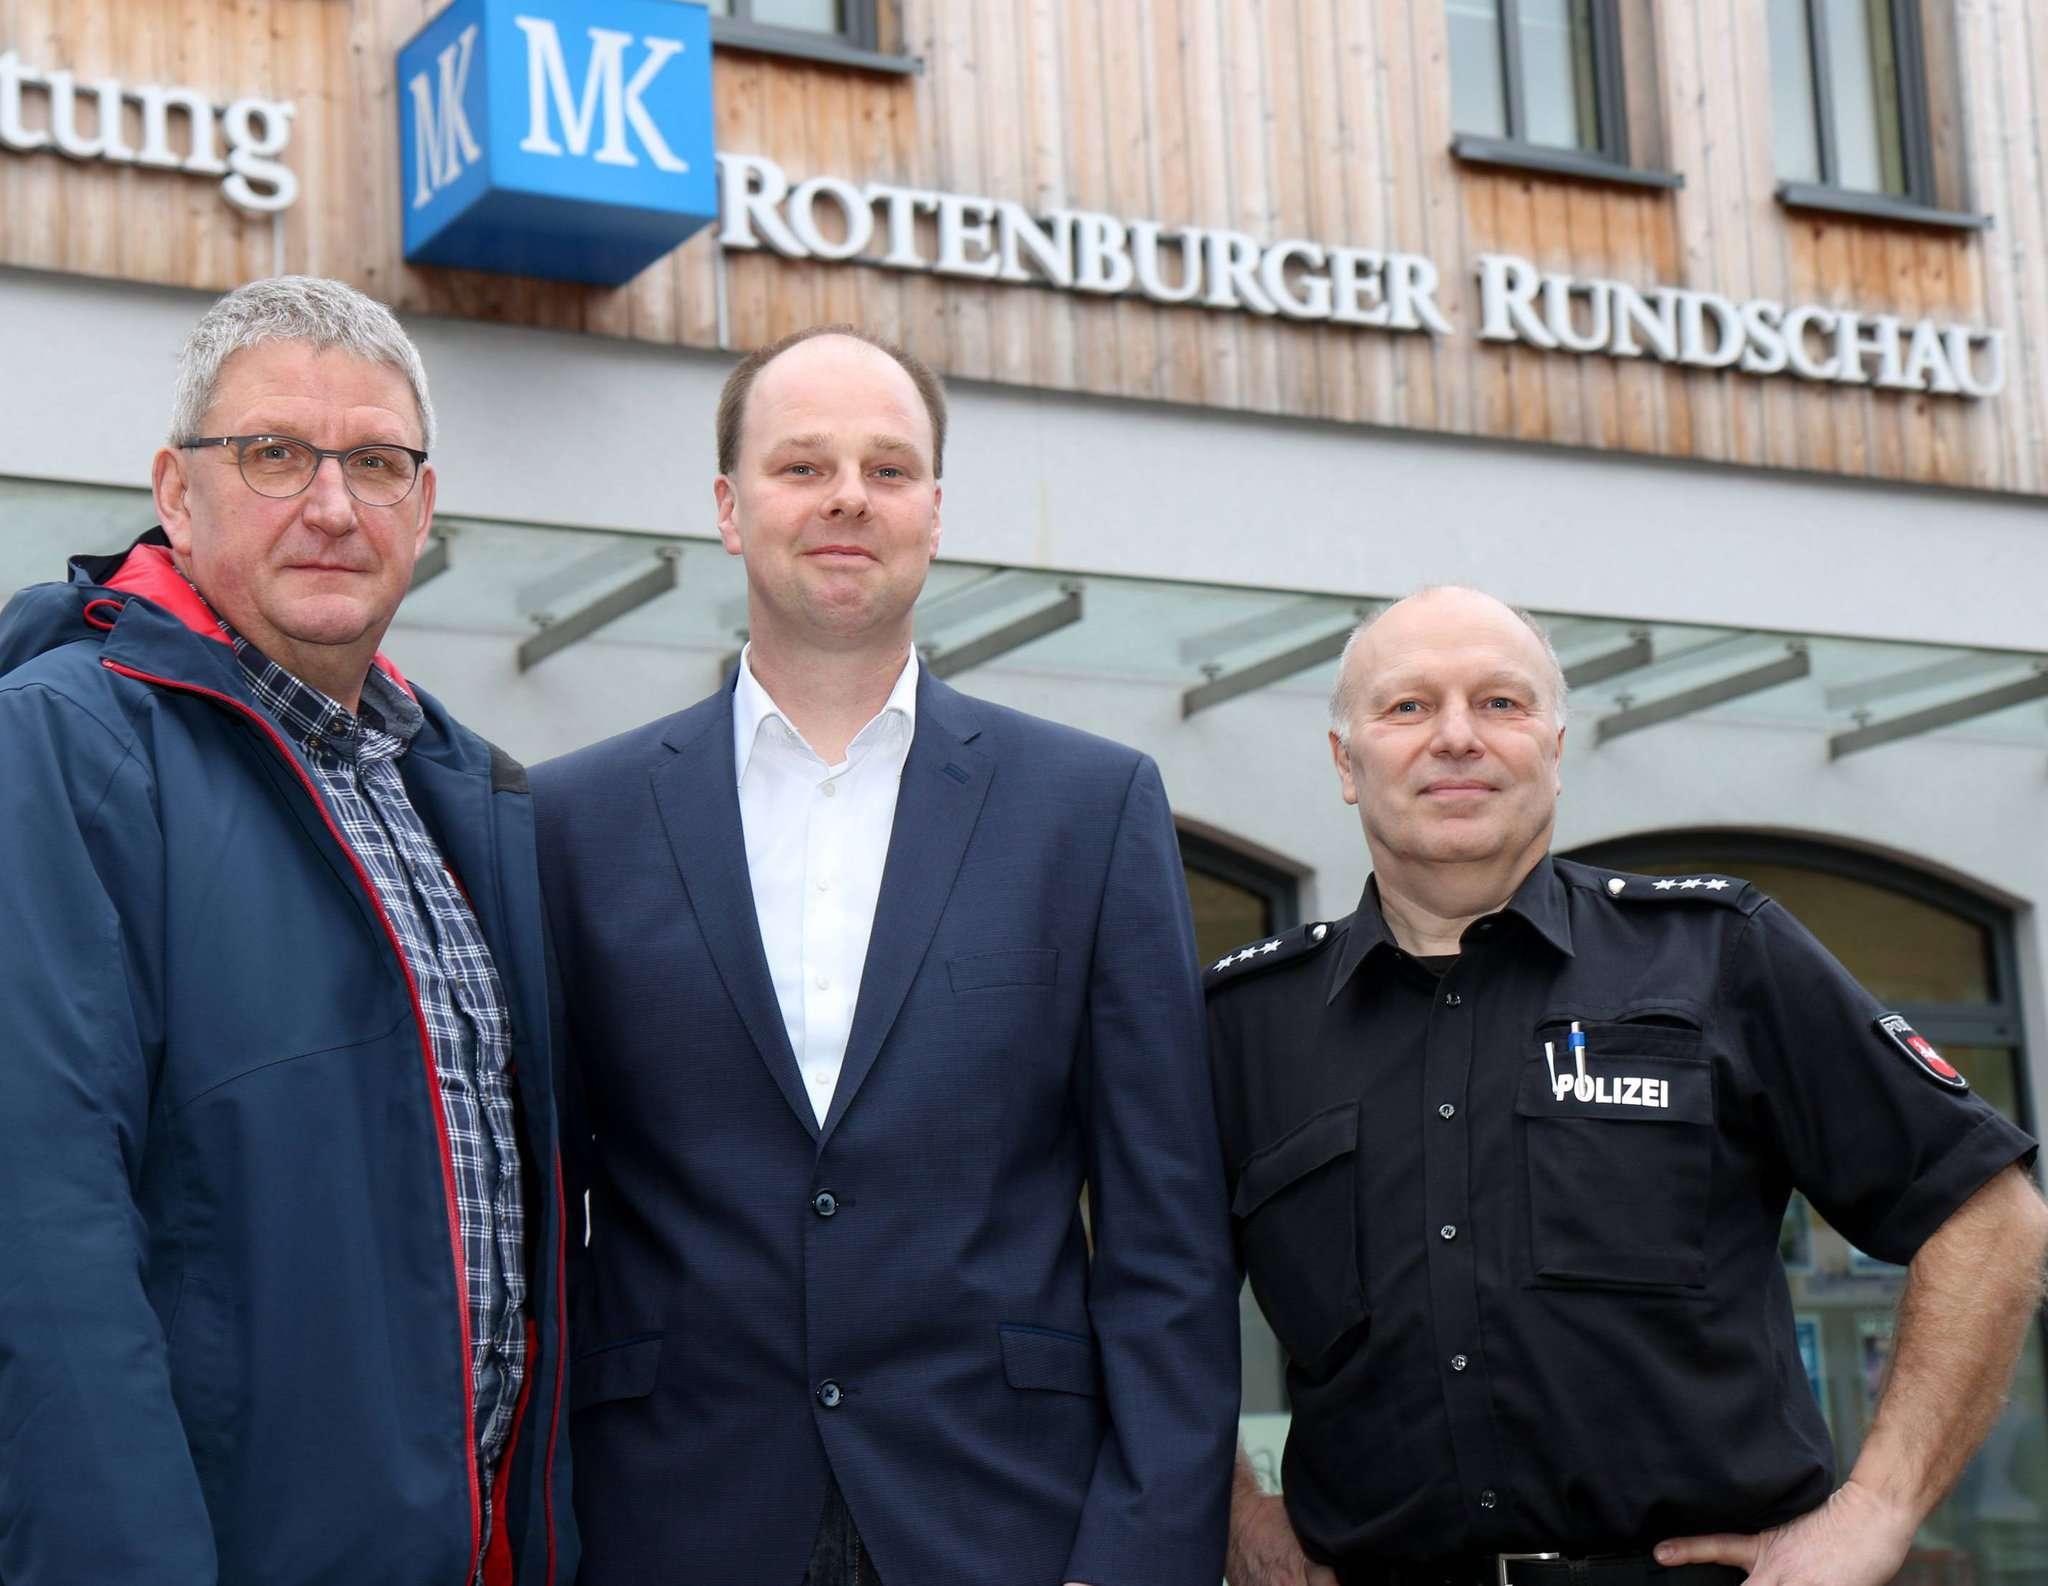 Jürgen Schulz, Leiter der Außenstelle Rotenburg des Weißen Rings (von links), EWE-Kommunalbetreuer Björn Muth und Thomas Teuber, Beauftragter für Kriminalprävention der Polizei Rotenburg. Foto: Dennis Bartz